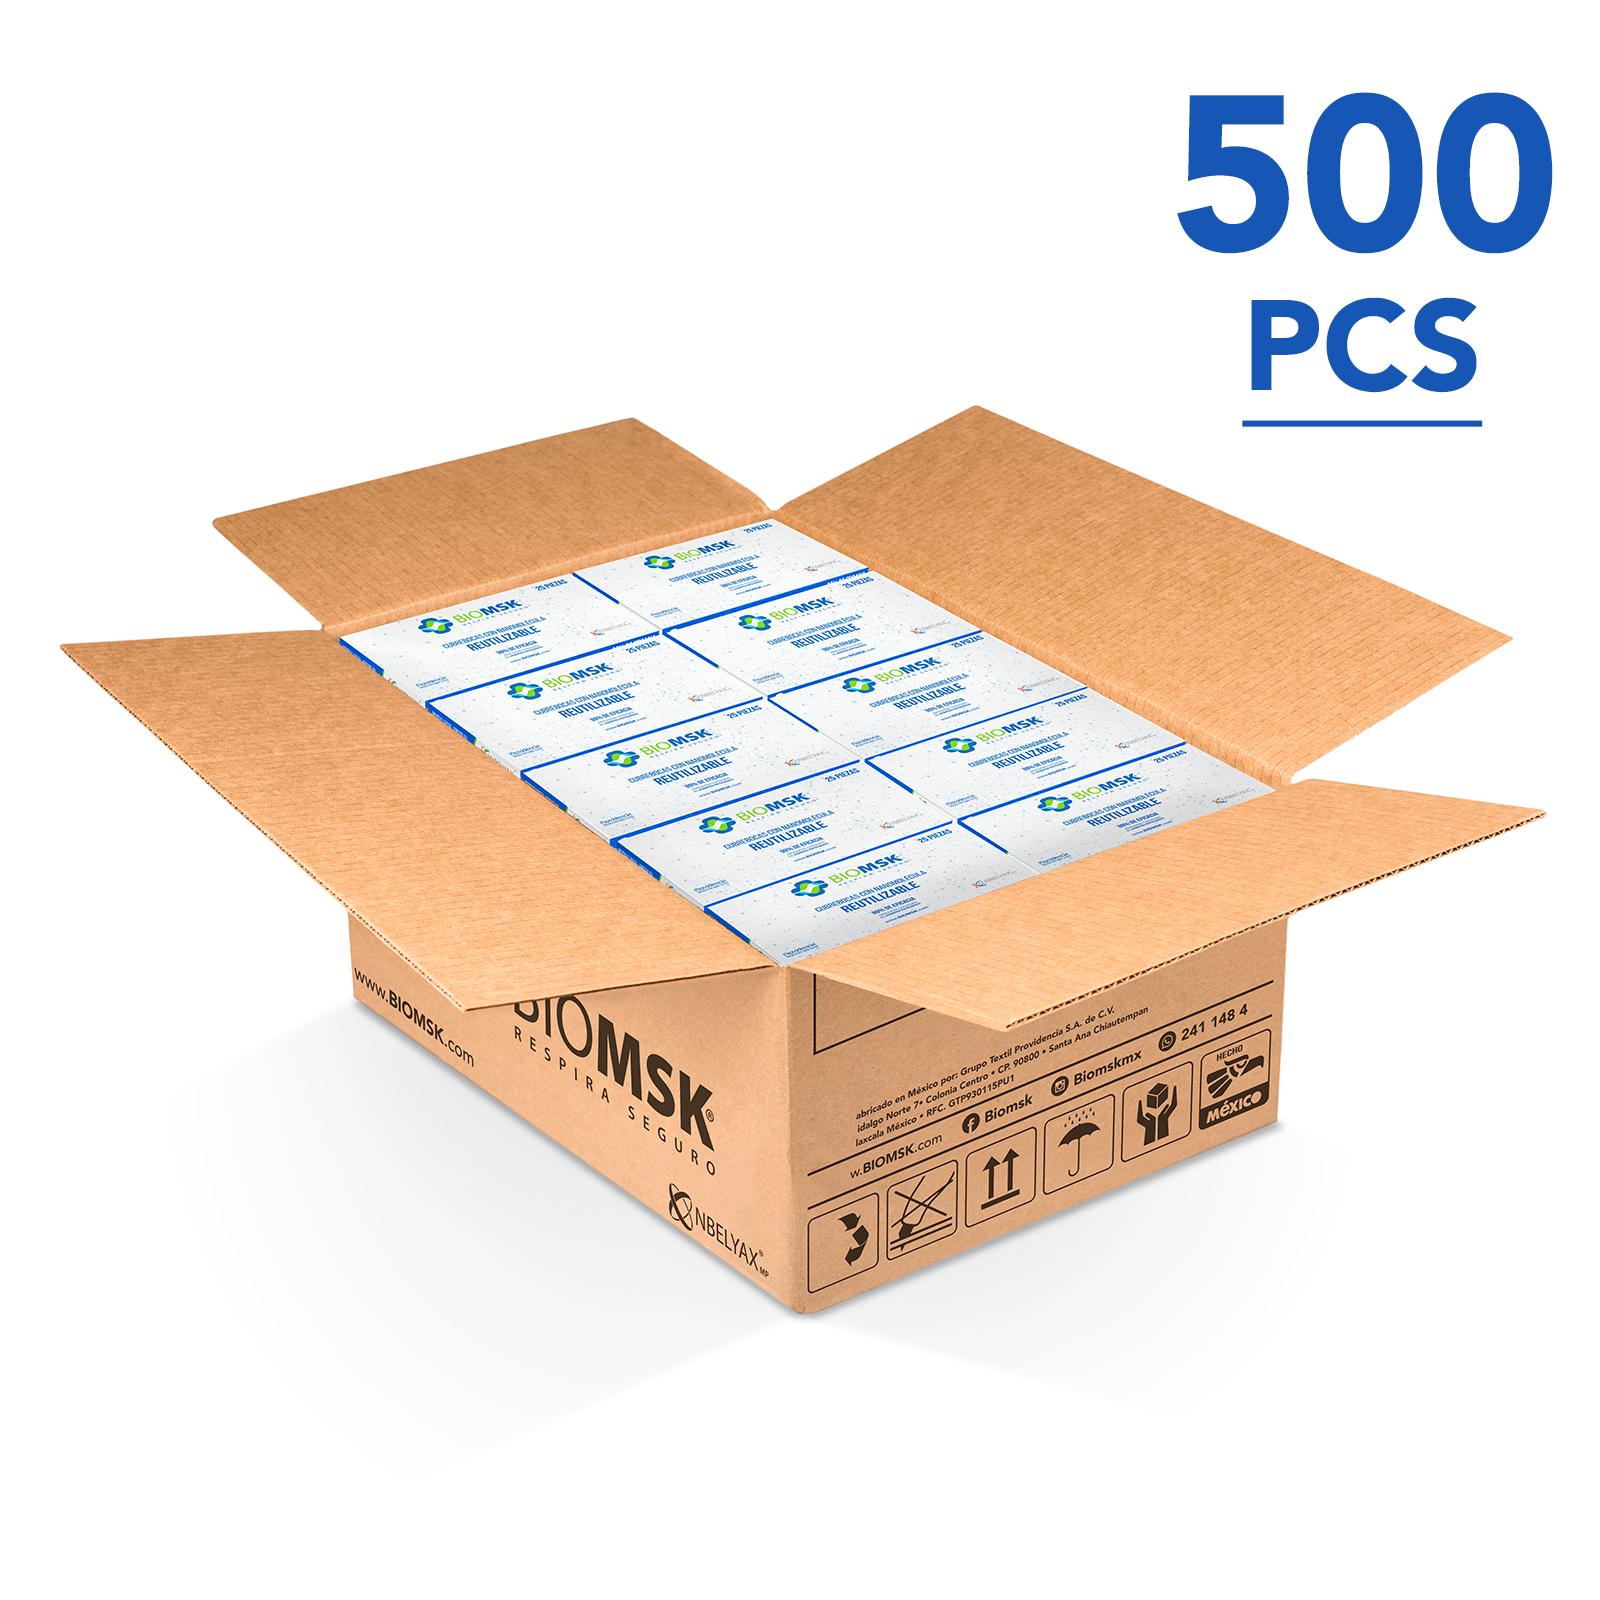 Biomsk-Plus-500-08